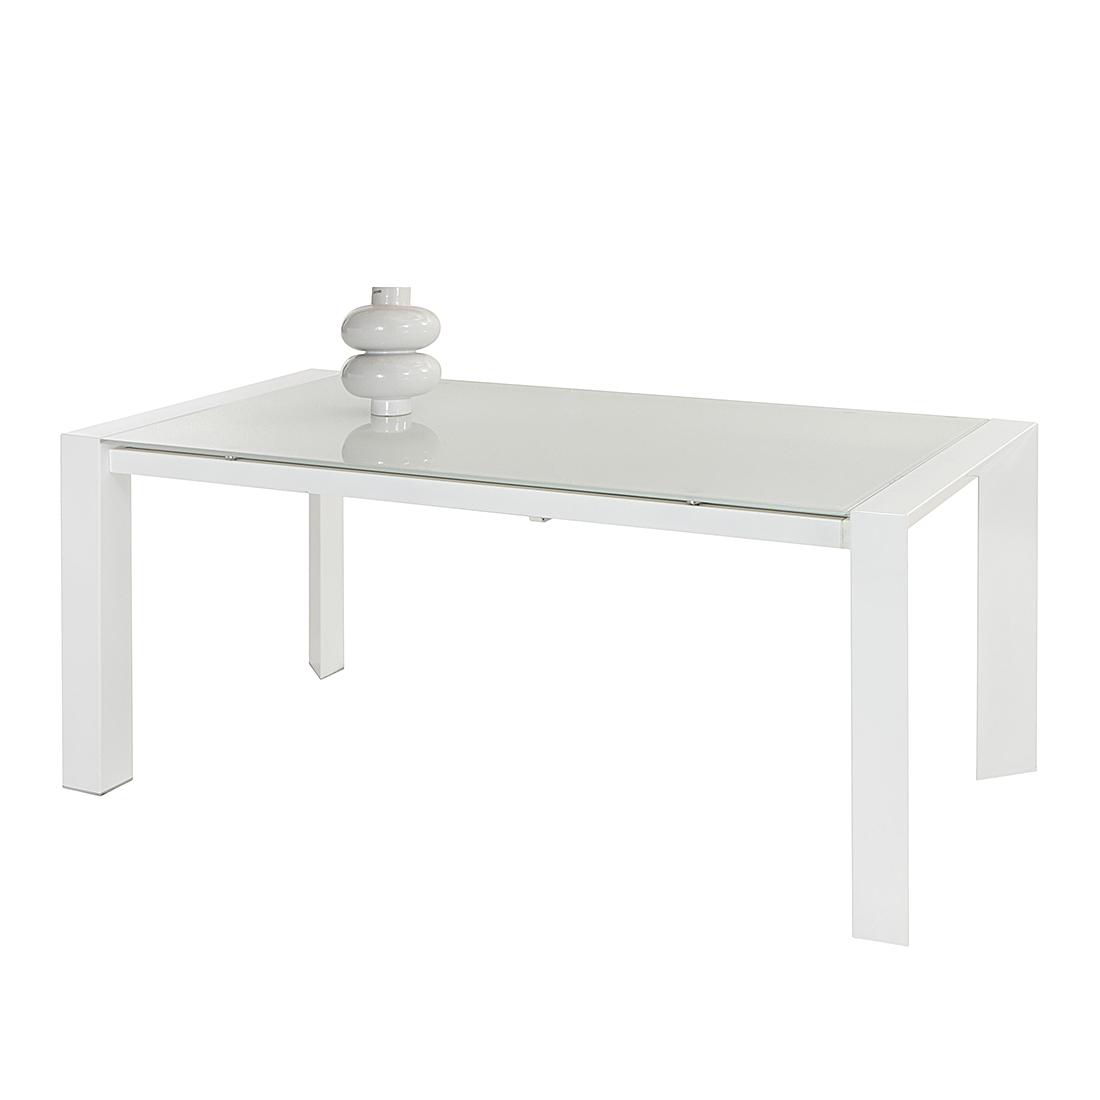 Home Design Eettafel Cosimo - uitschuifbaar - tafelblad van wit glas Home24